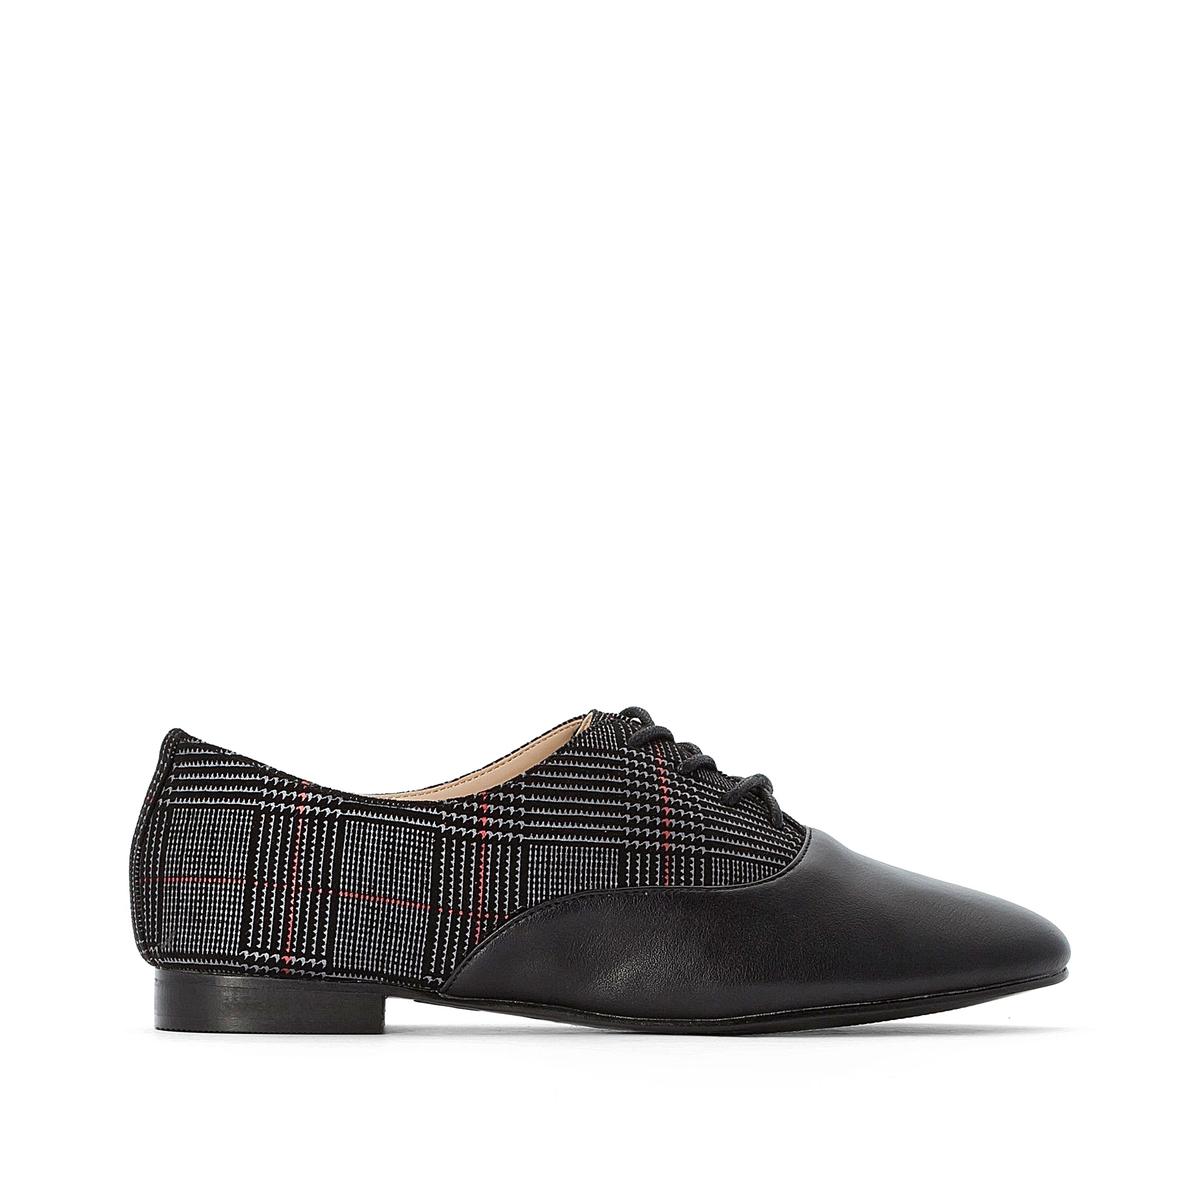 Ботинки-дерби La Redoute На шнуровке 38 черный ботинки la redoute на шнуровке 38 белый